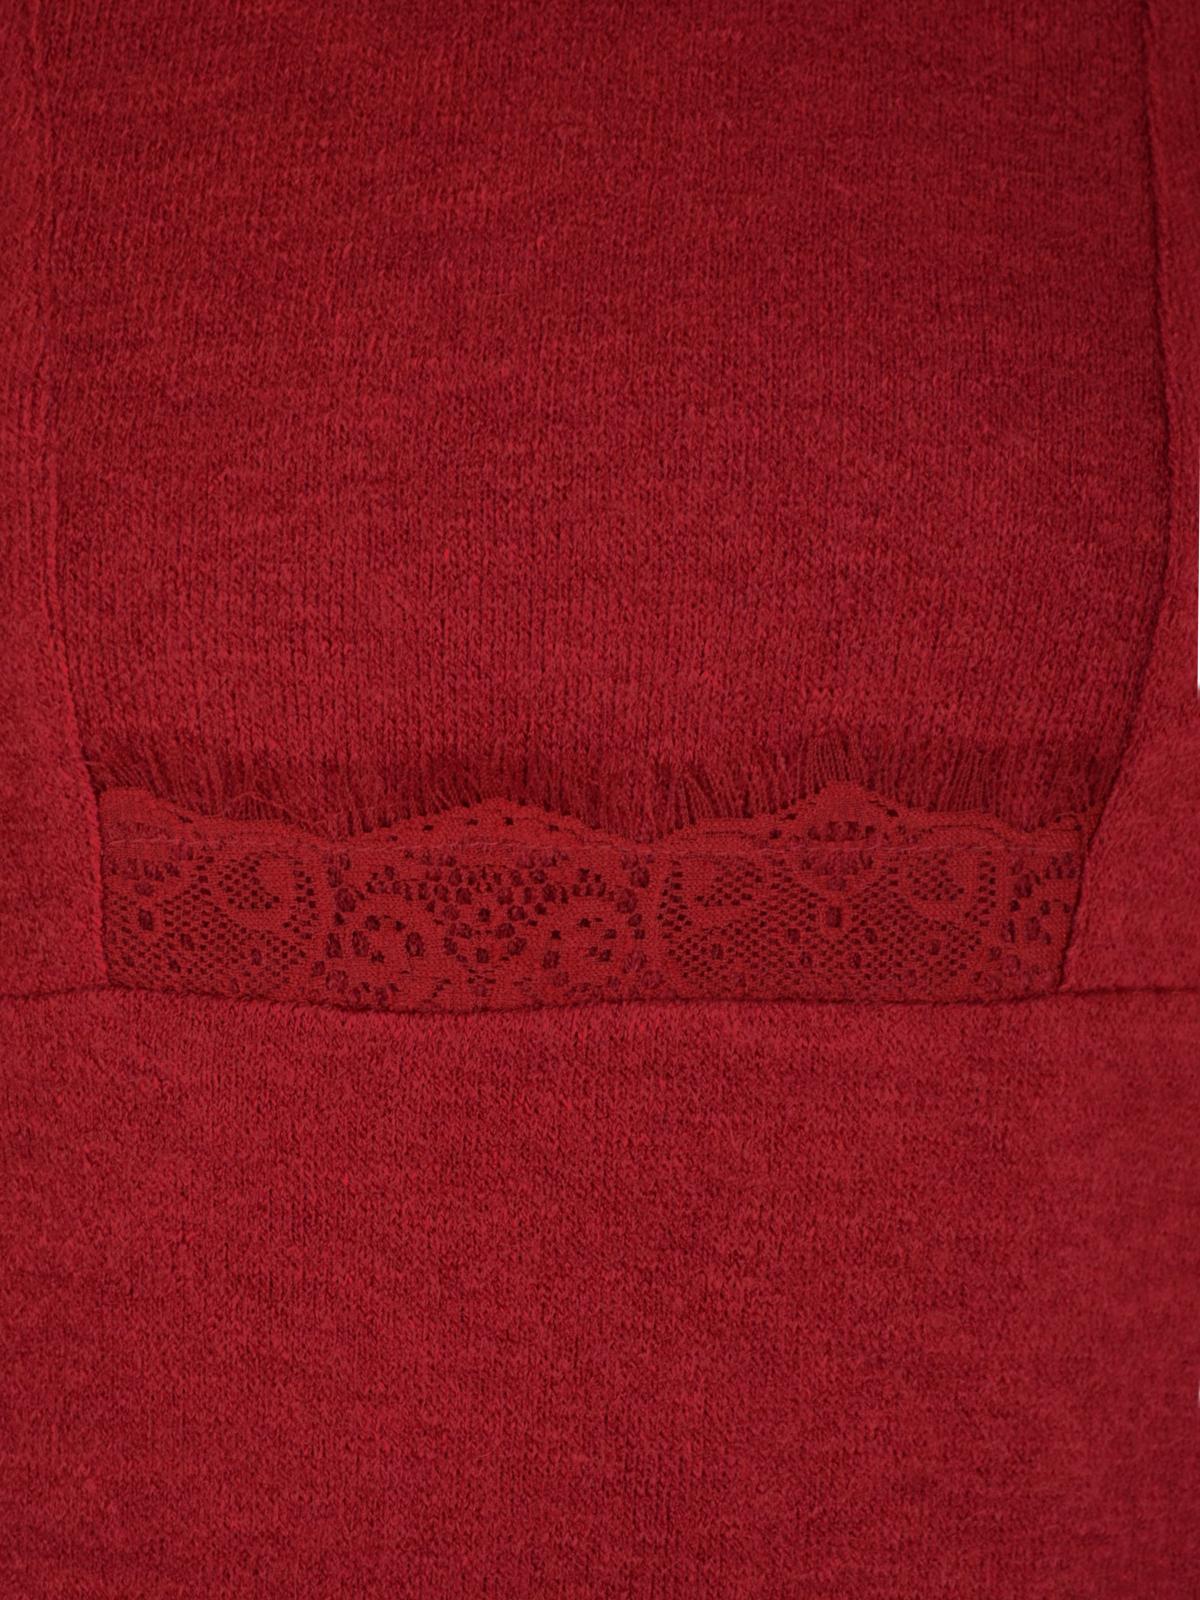 Блузка женская трикотажная от Московская Меховая Компания